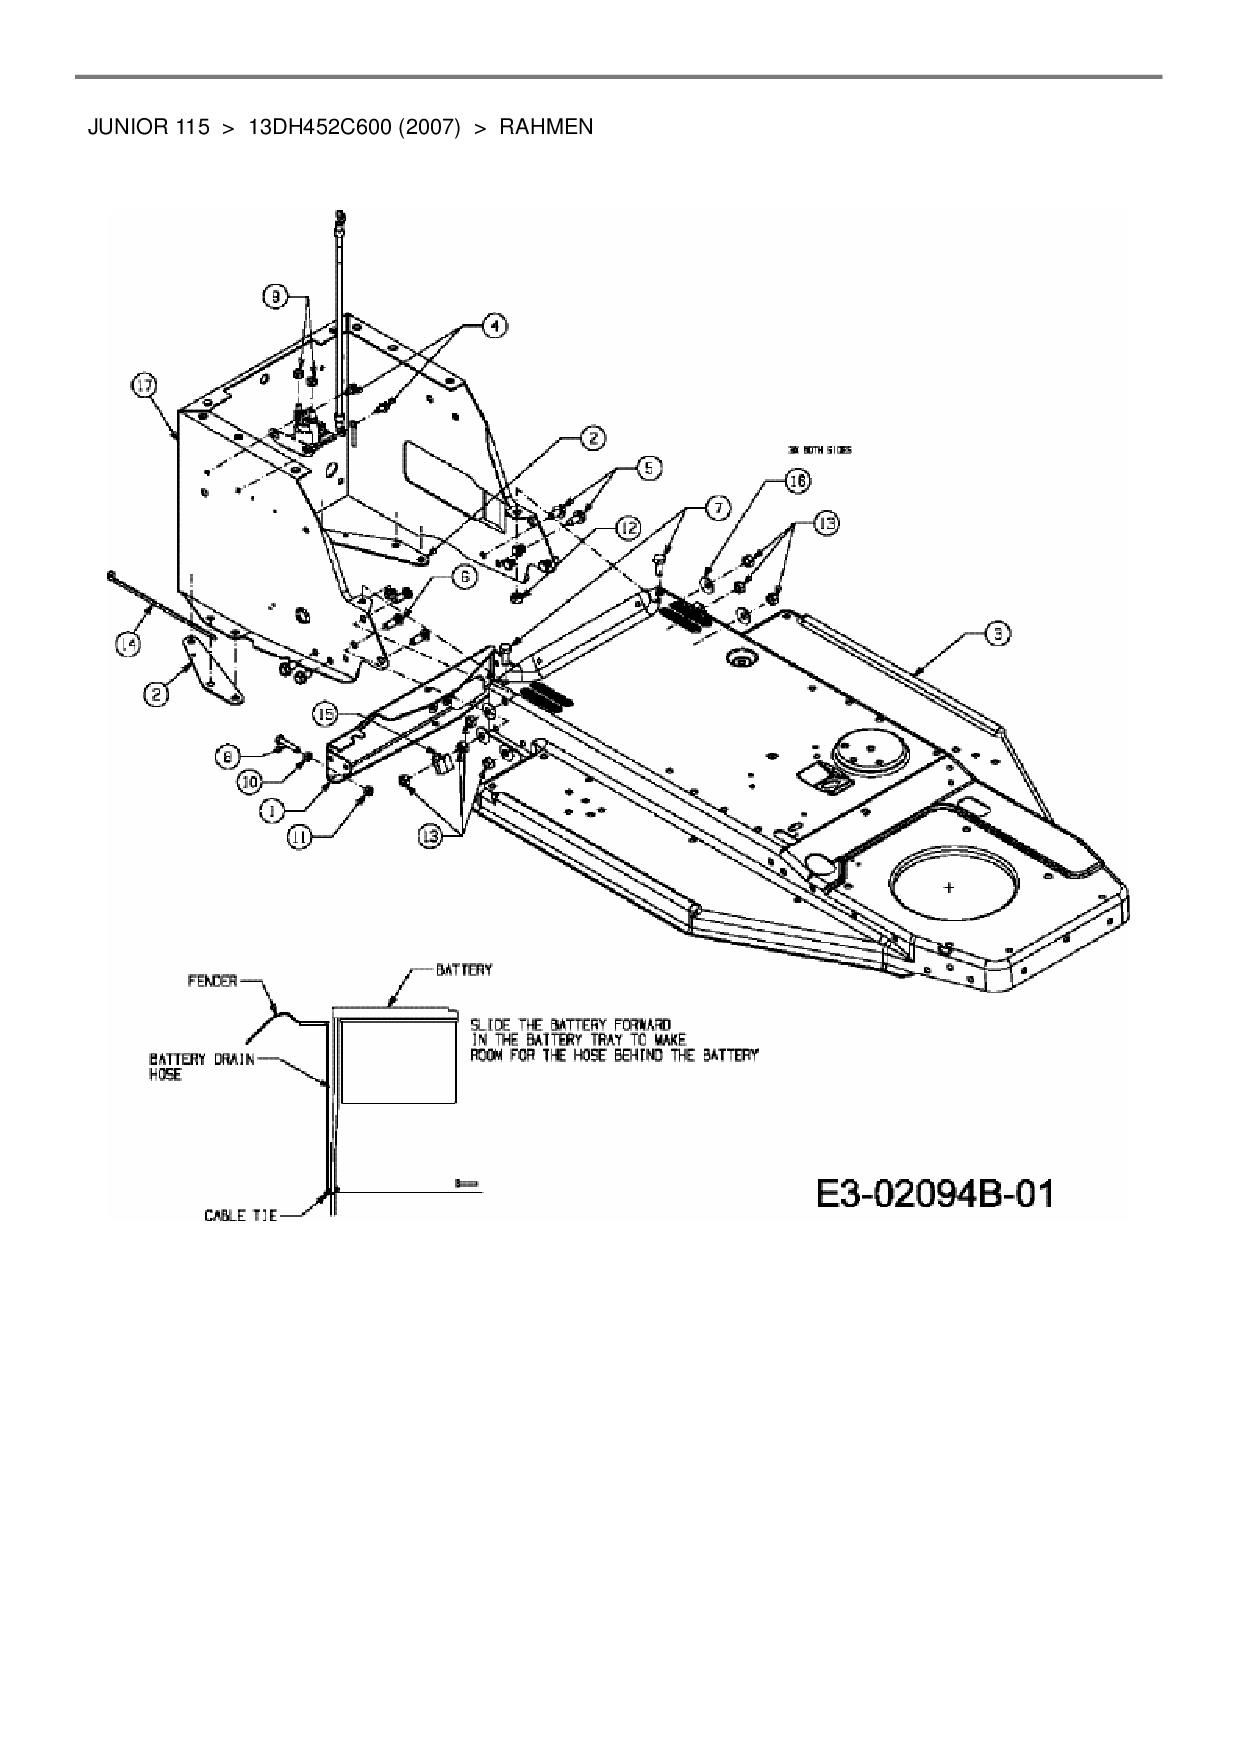 Ersatzteile von MTD Rasentraktor Junior 115 aus der Zeichnung Rahmen